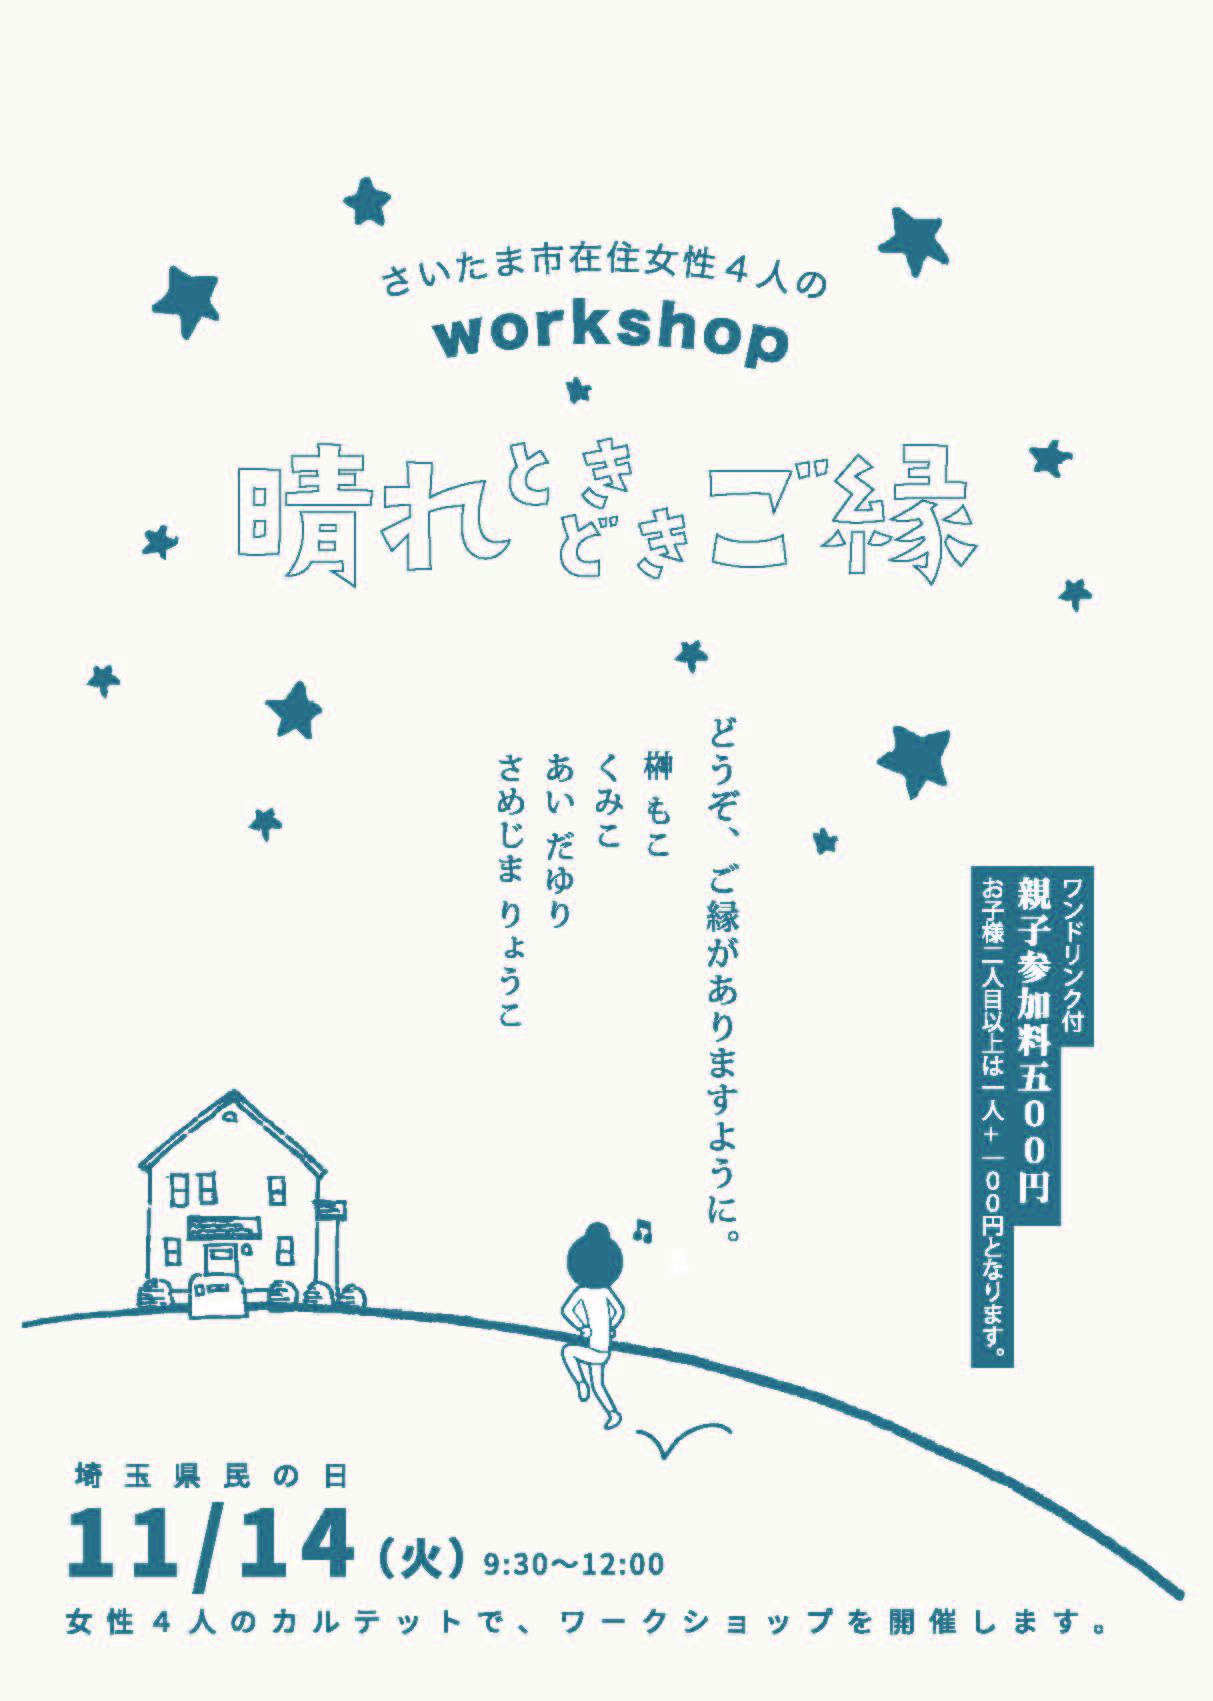 11/14(火) 【女性4人のワークショップ】  at 浦和美園モデルハウス